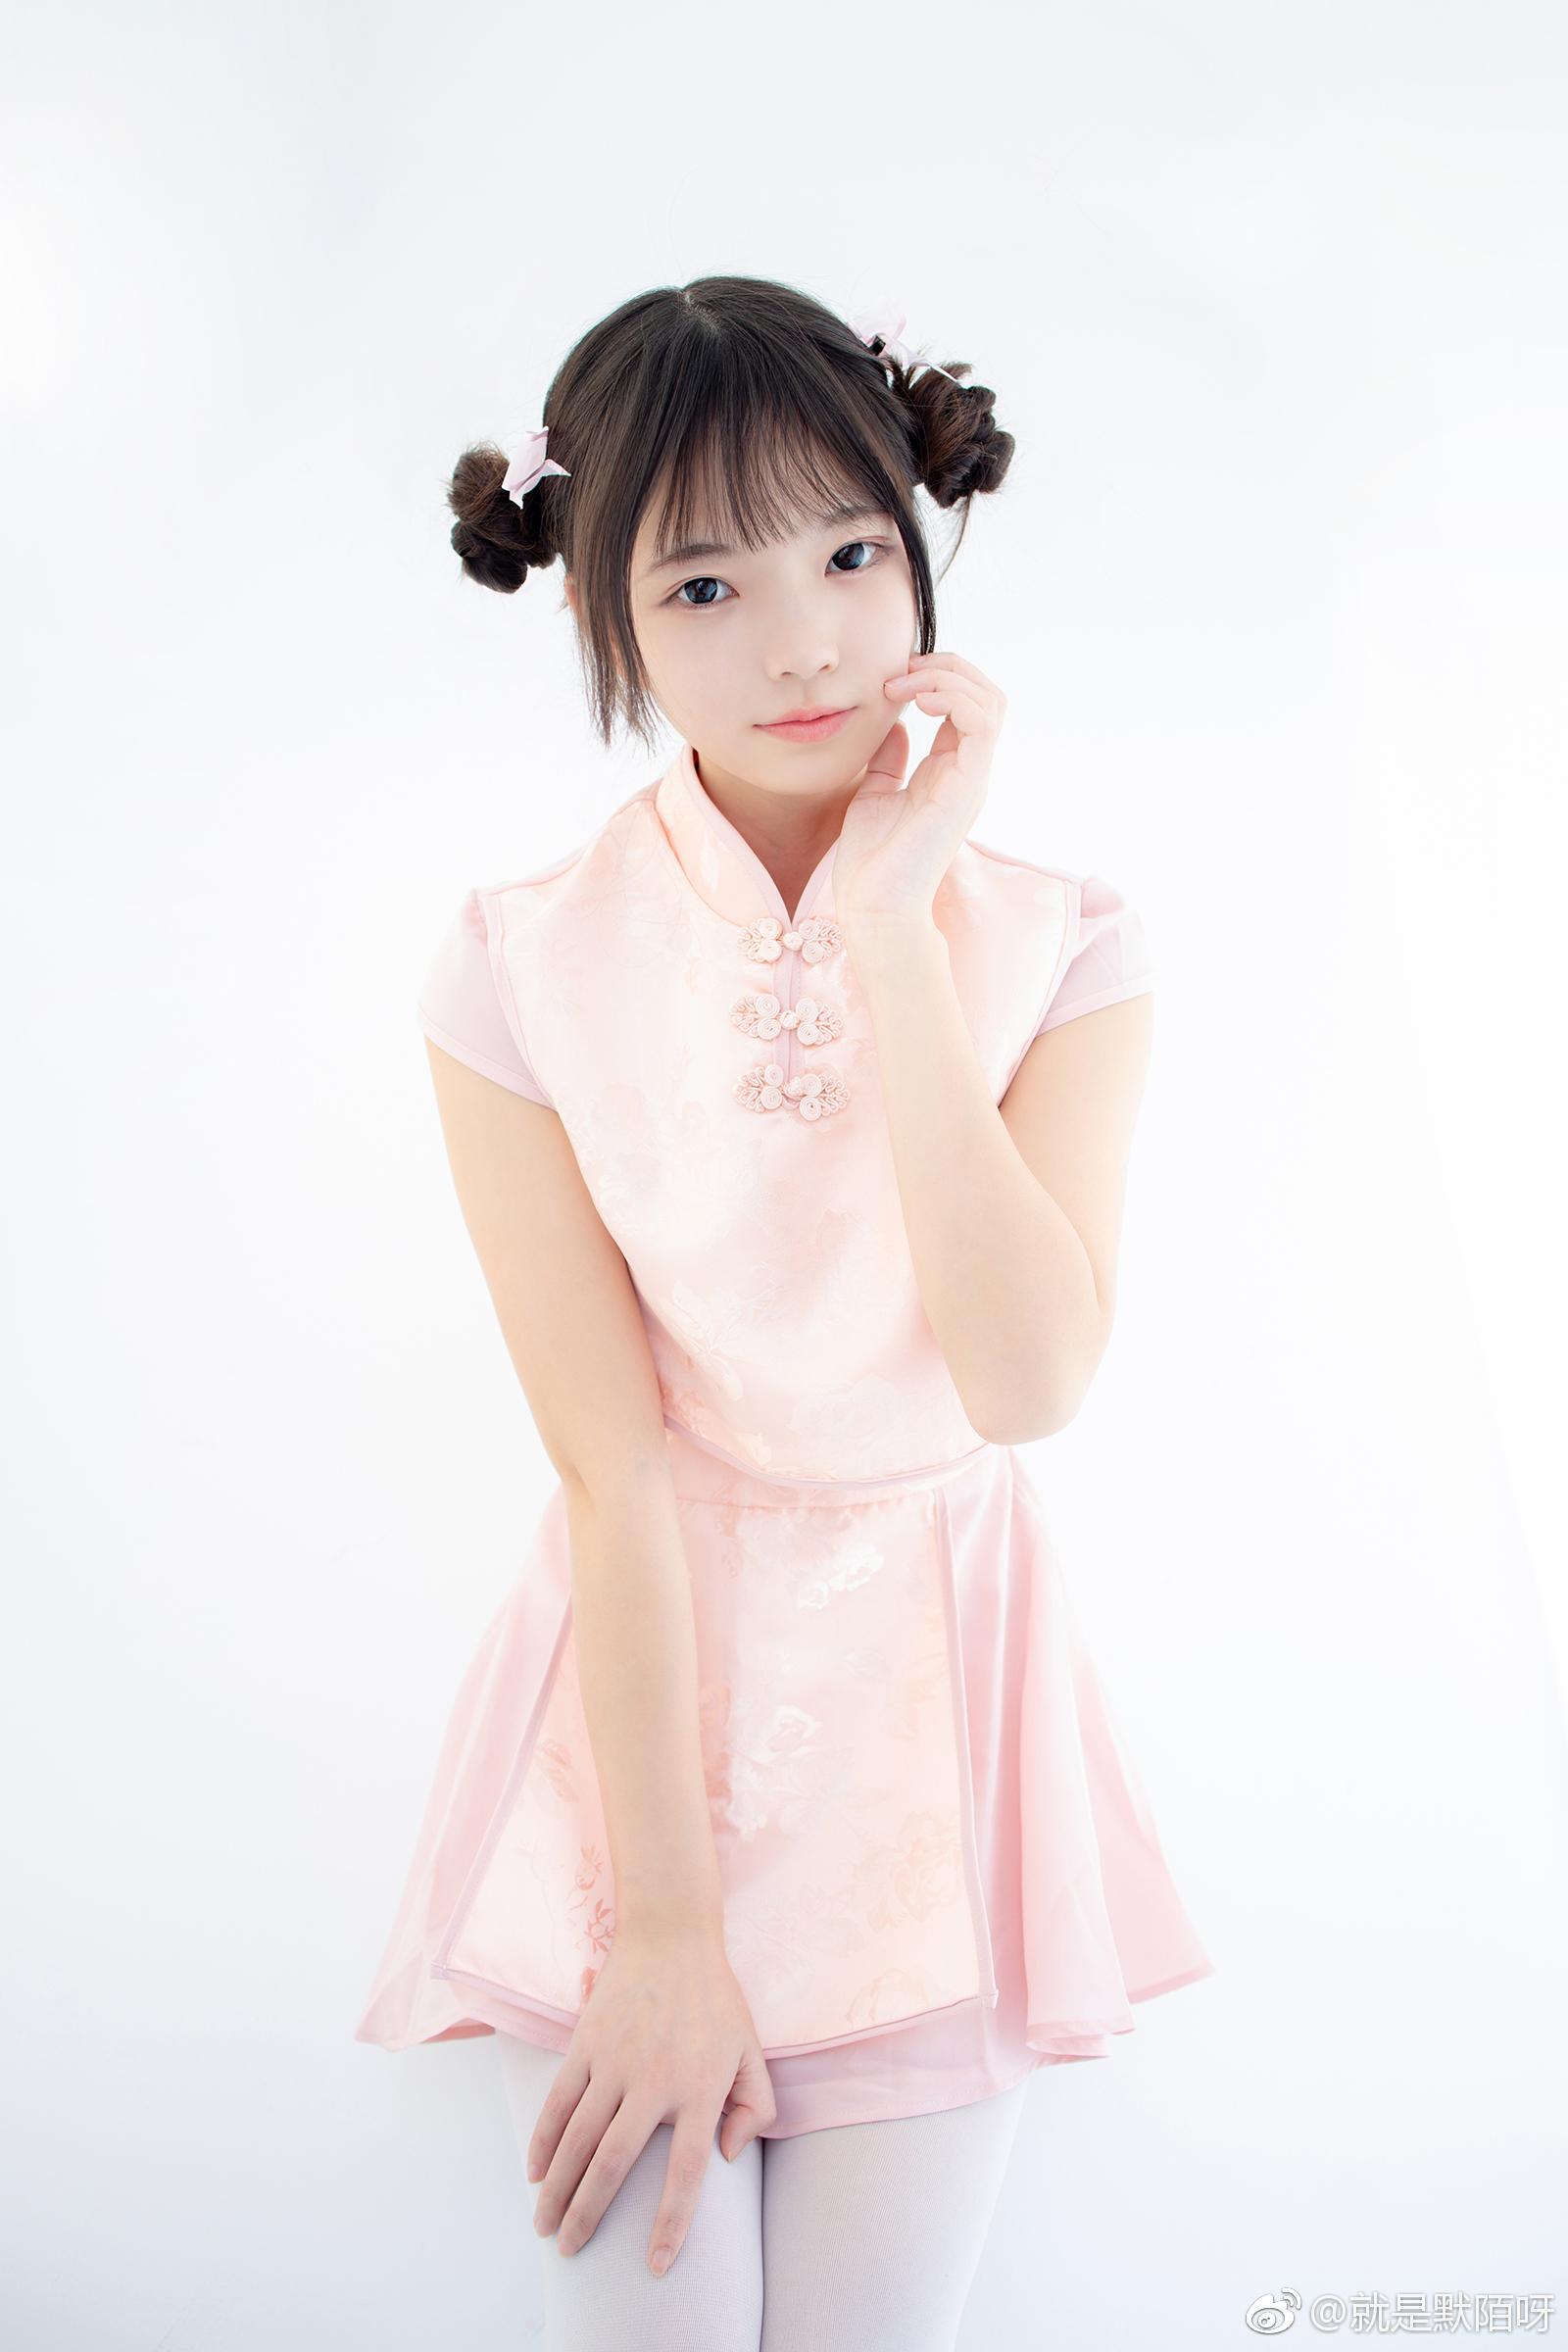 森萝财团X-052写真预览,丸子头妹子好可爱(9P)